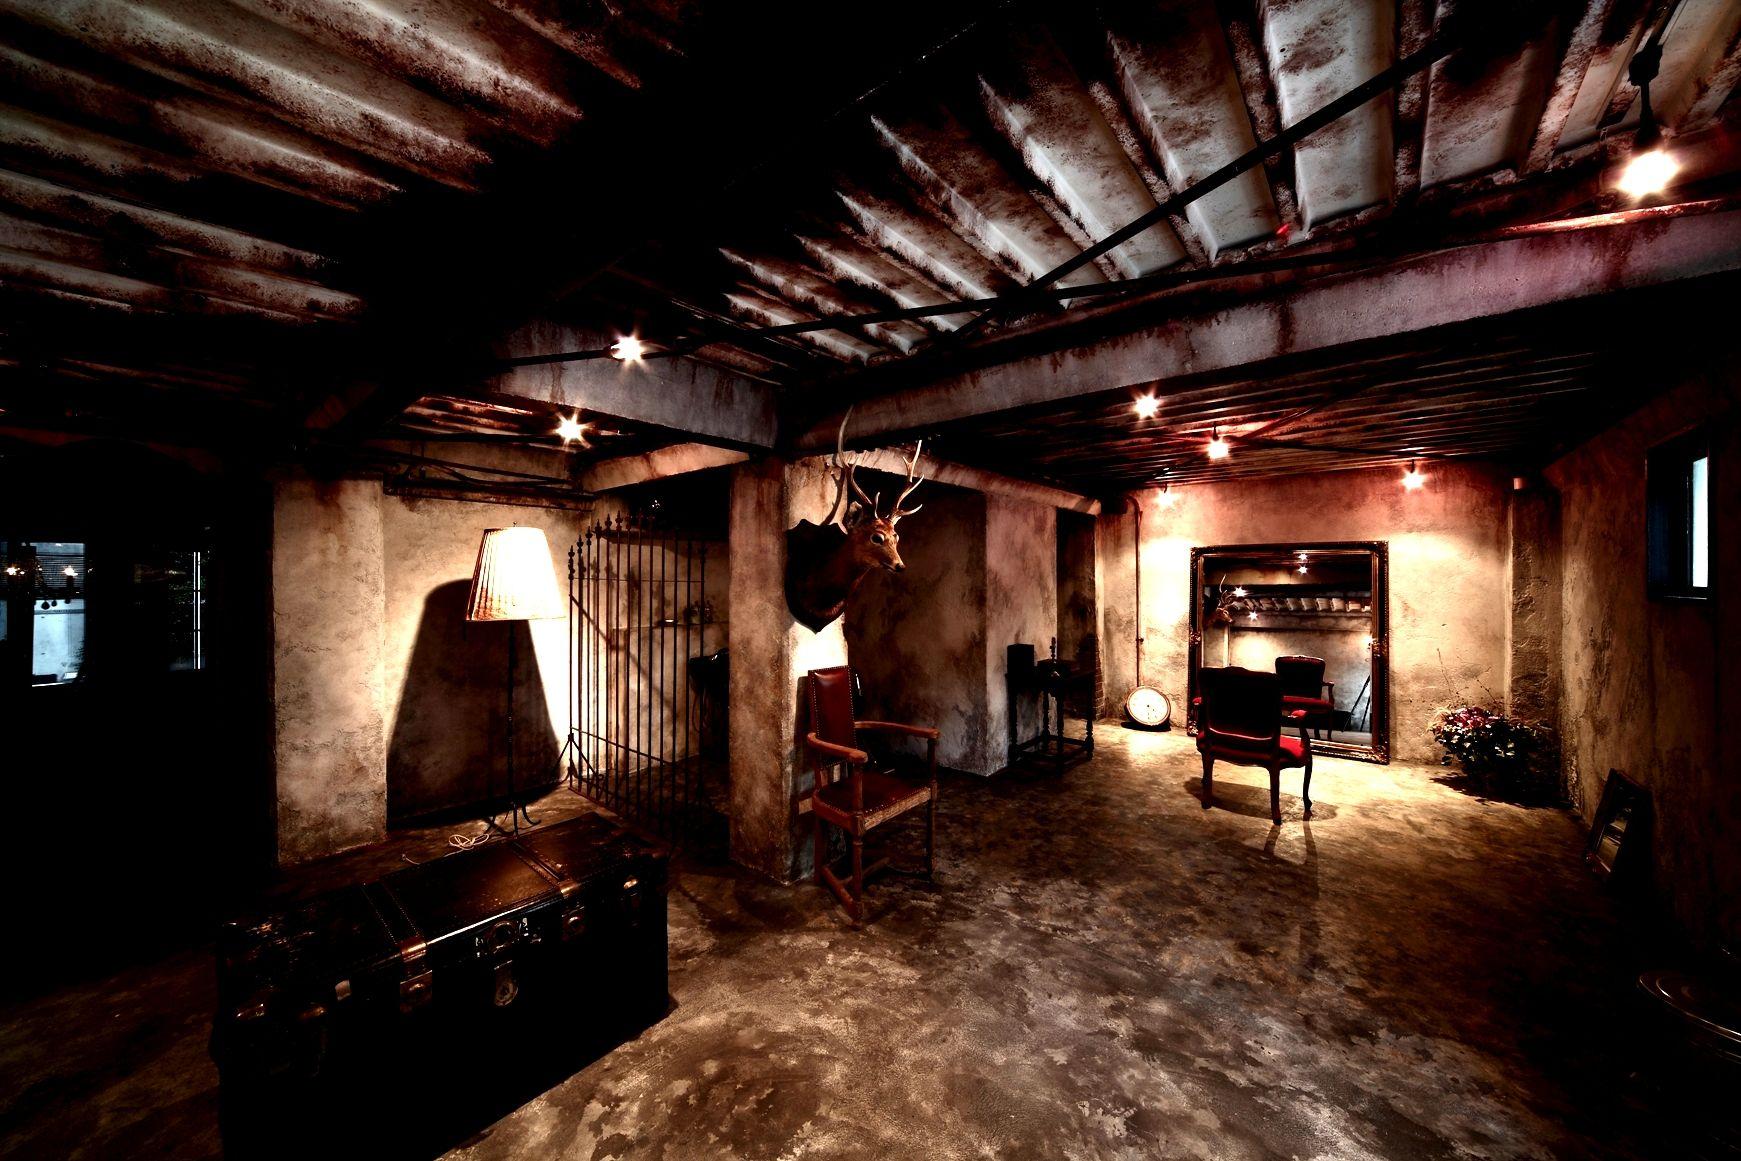 1階の貴族のお屋敷の地下へとお連れします オシャレ ヘアサロン 恵比寿 屋敷 地下 1階